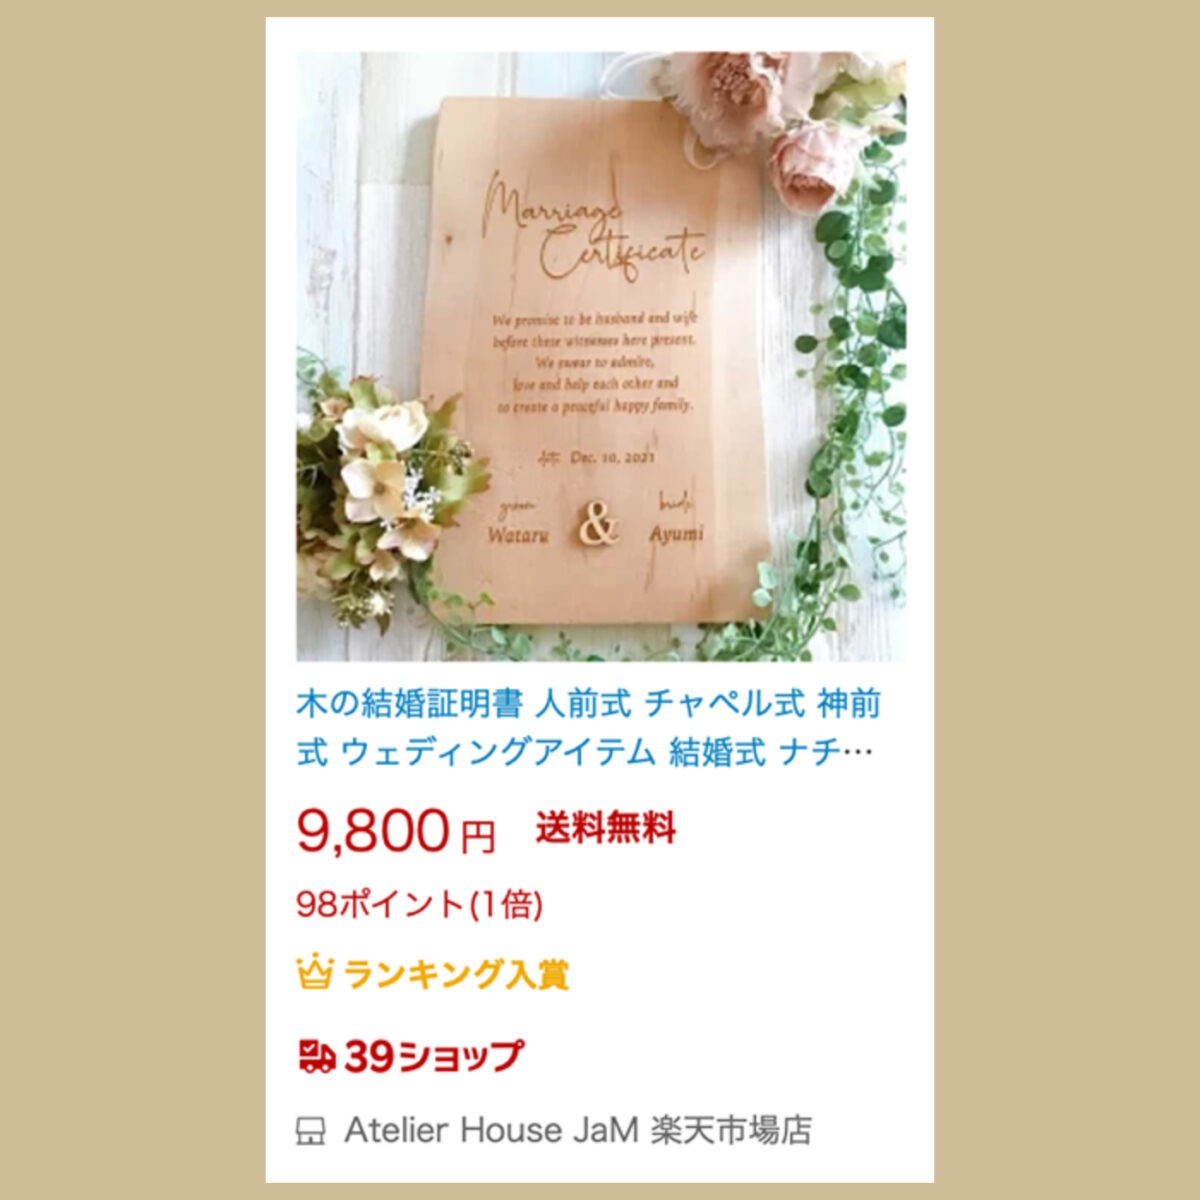 楽天市場ランキング1位 木の結婚証明書